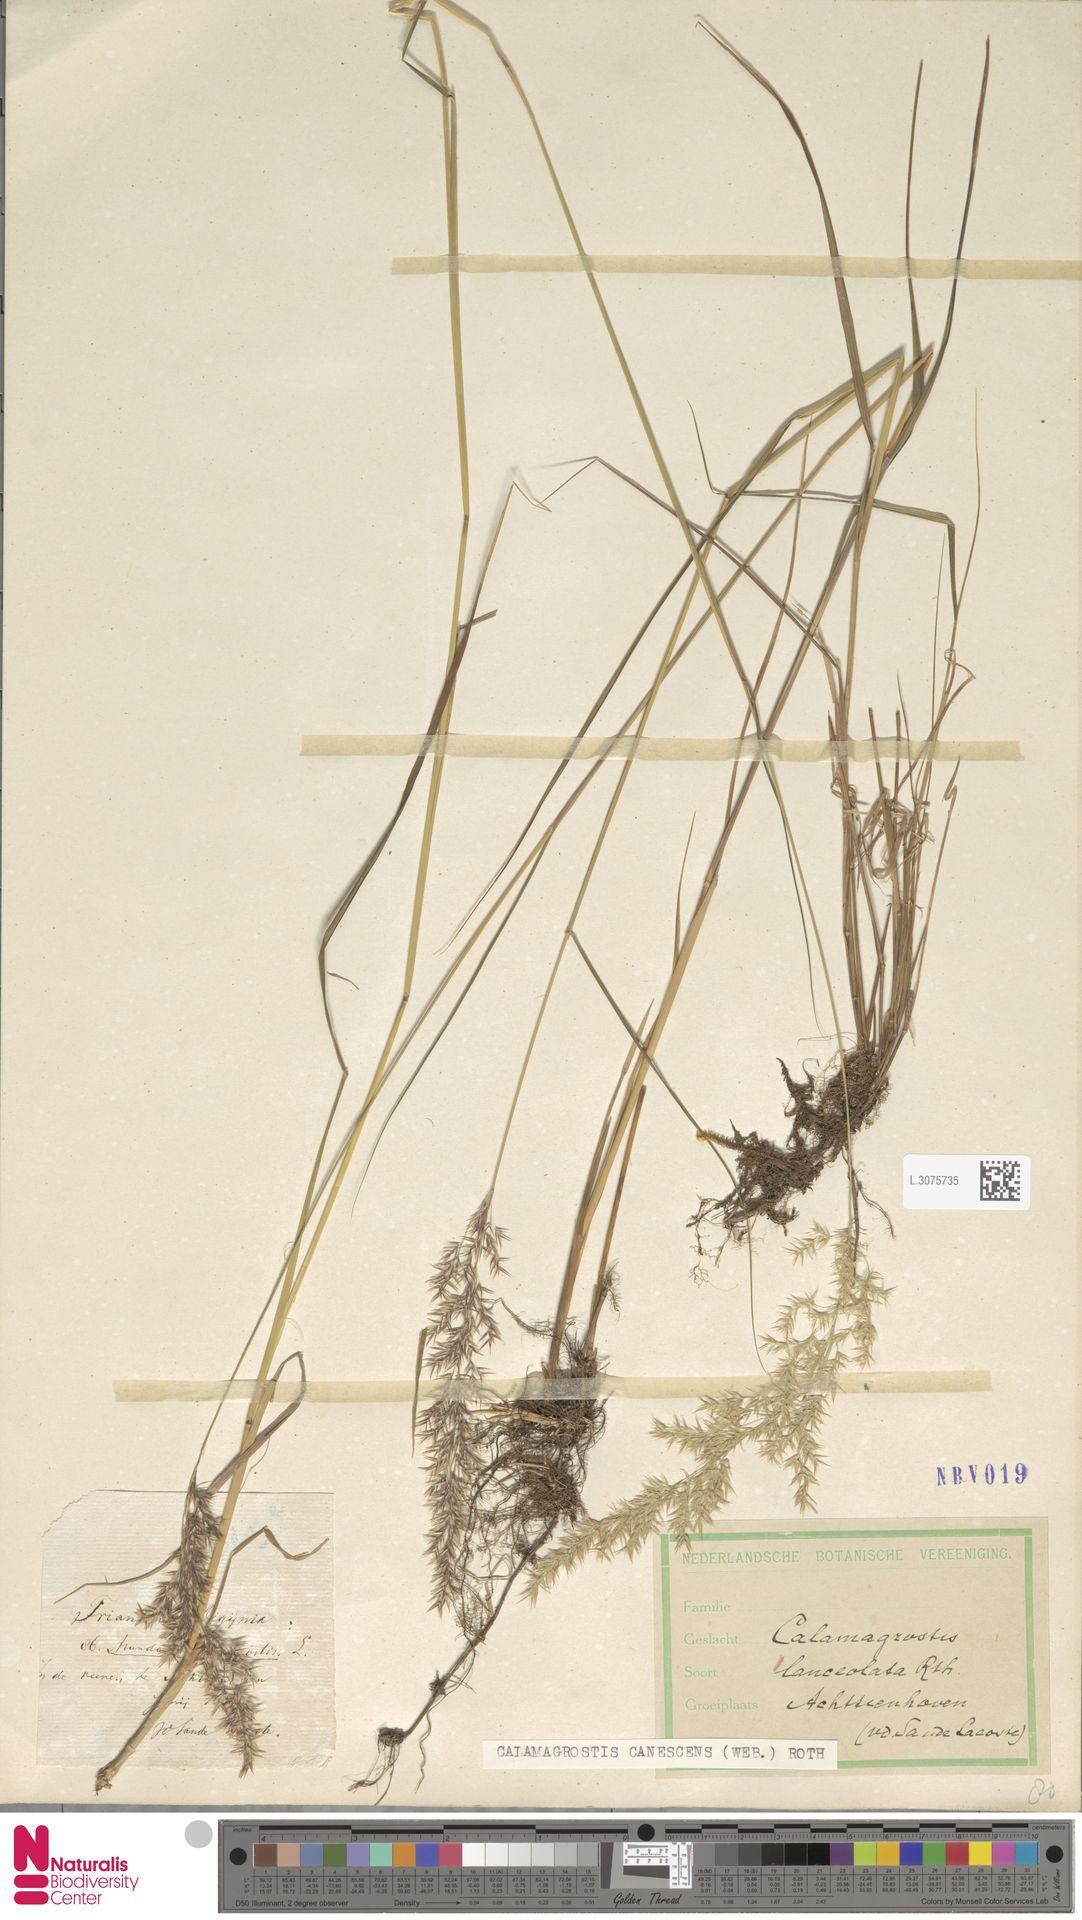 L.3075735 | Calamagrostis canescens (Weber) Roth